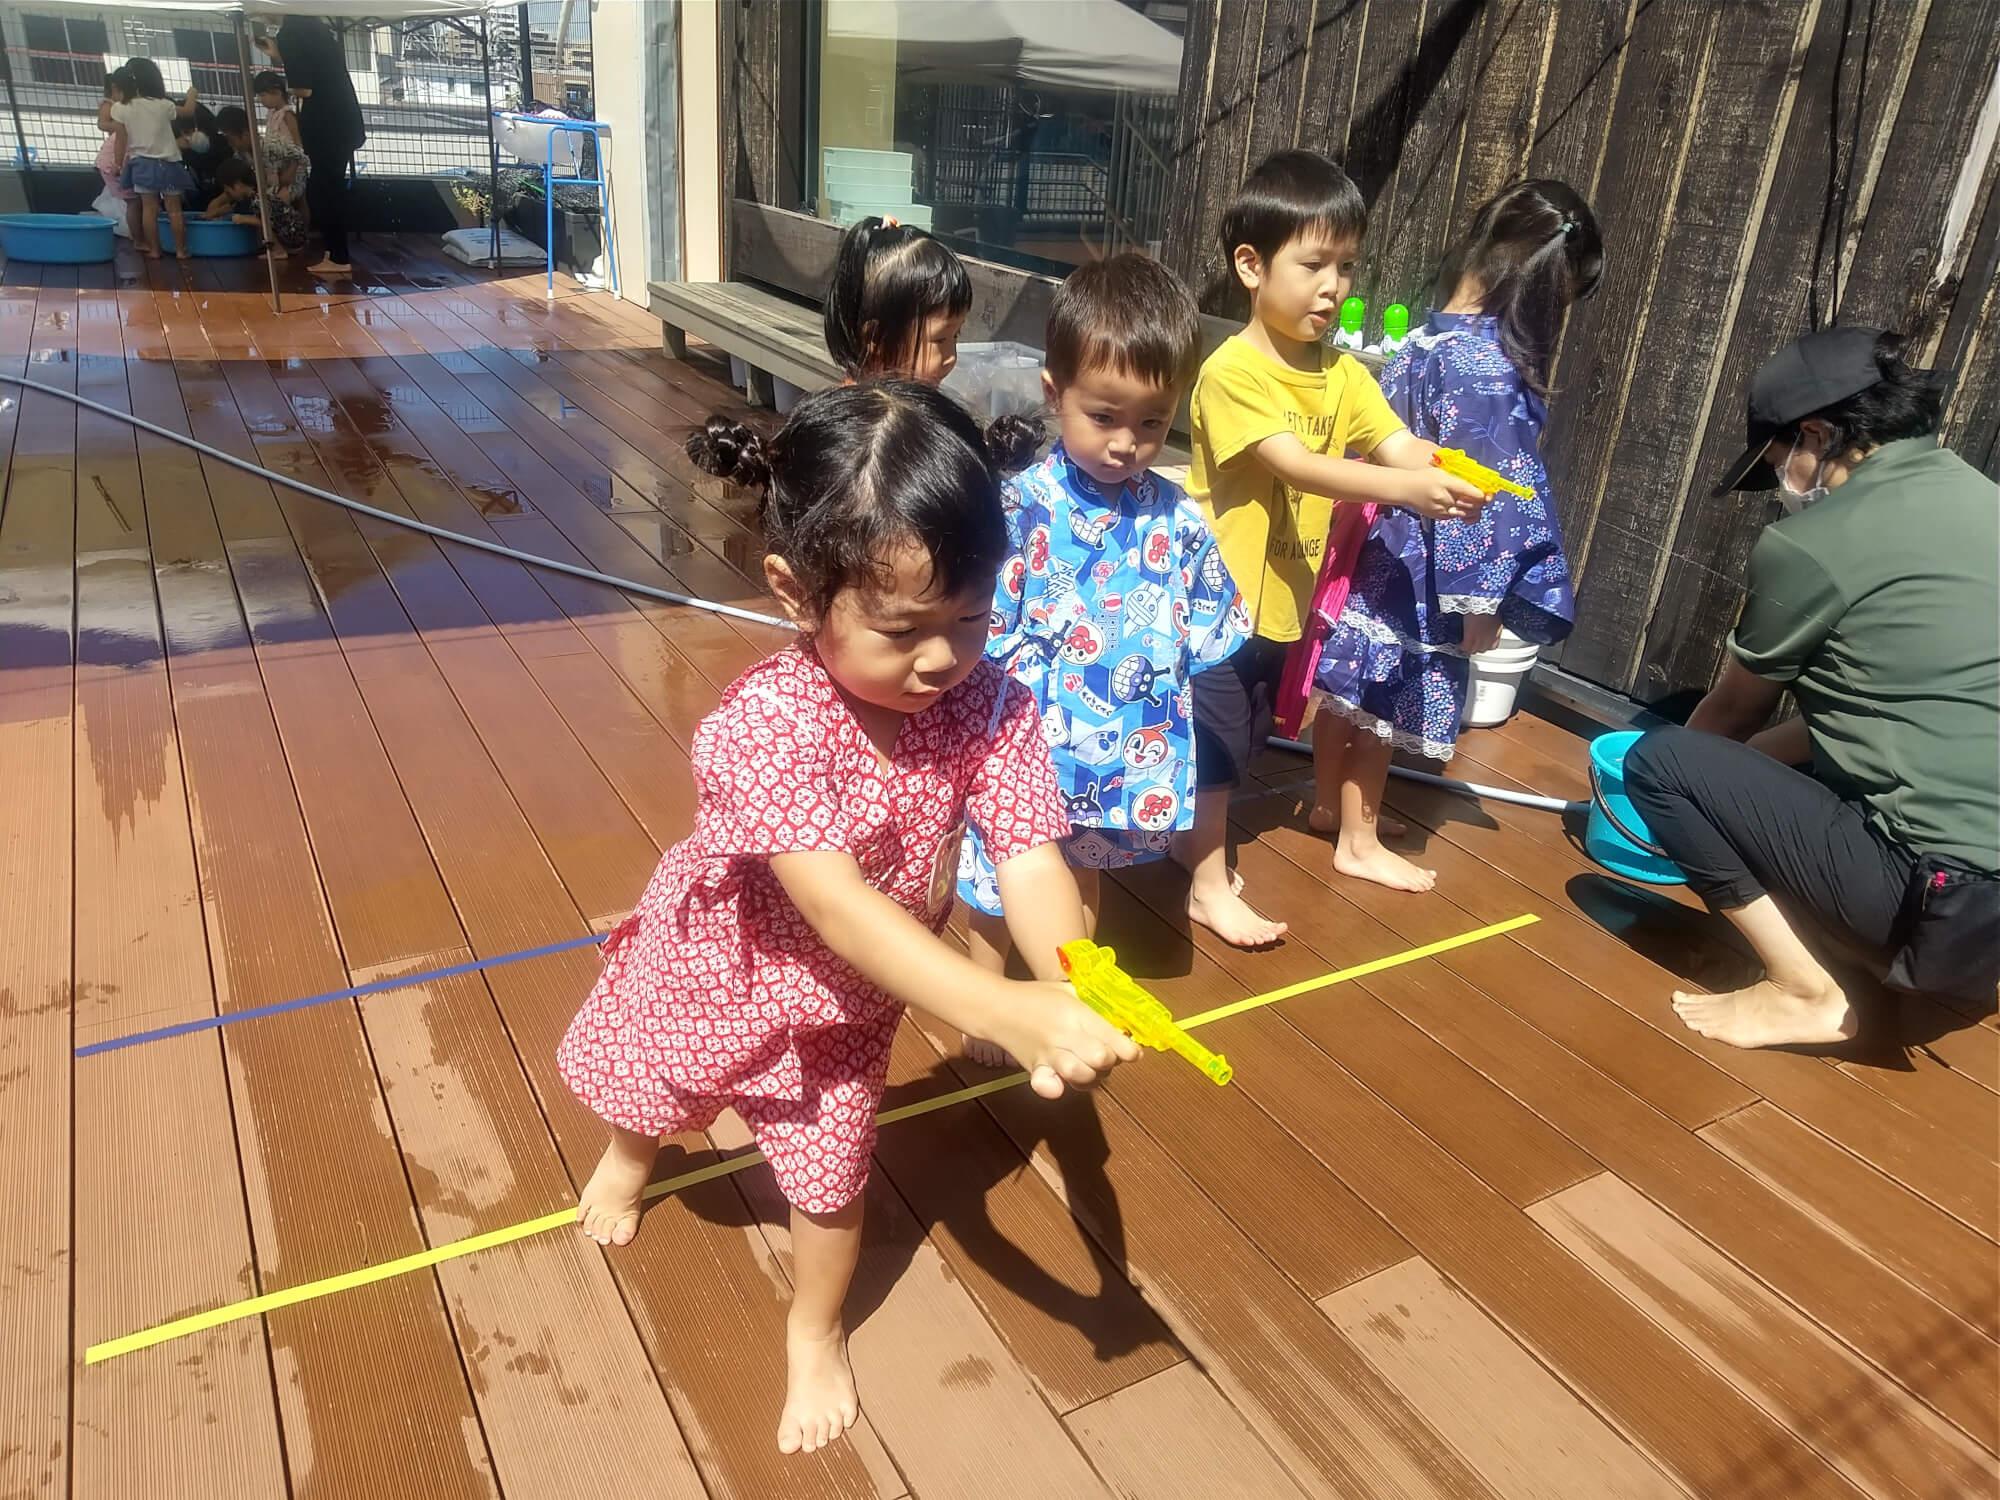 水鉄砲で射的を楽しむ子どもたち